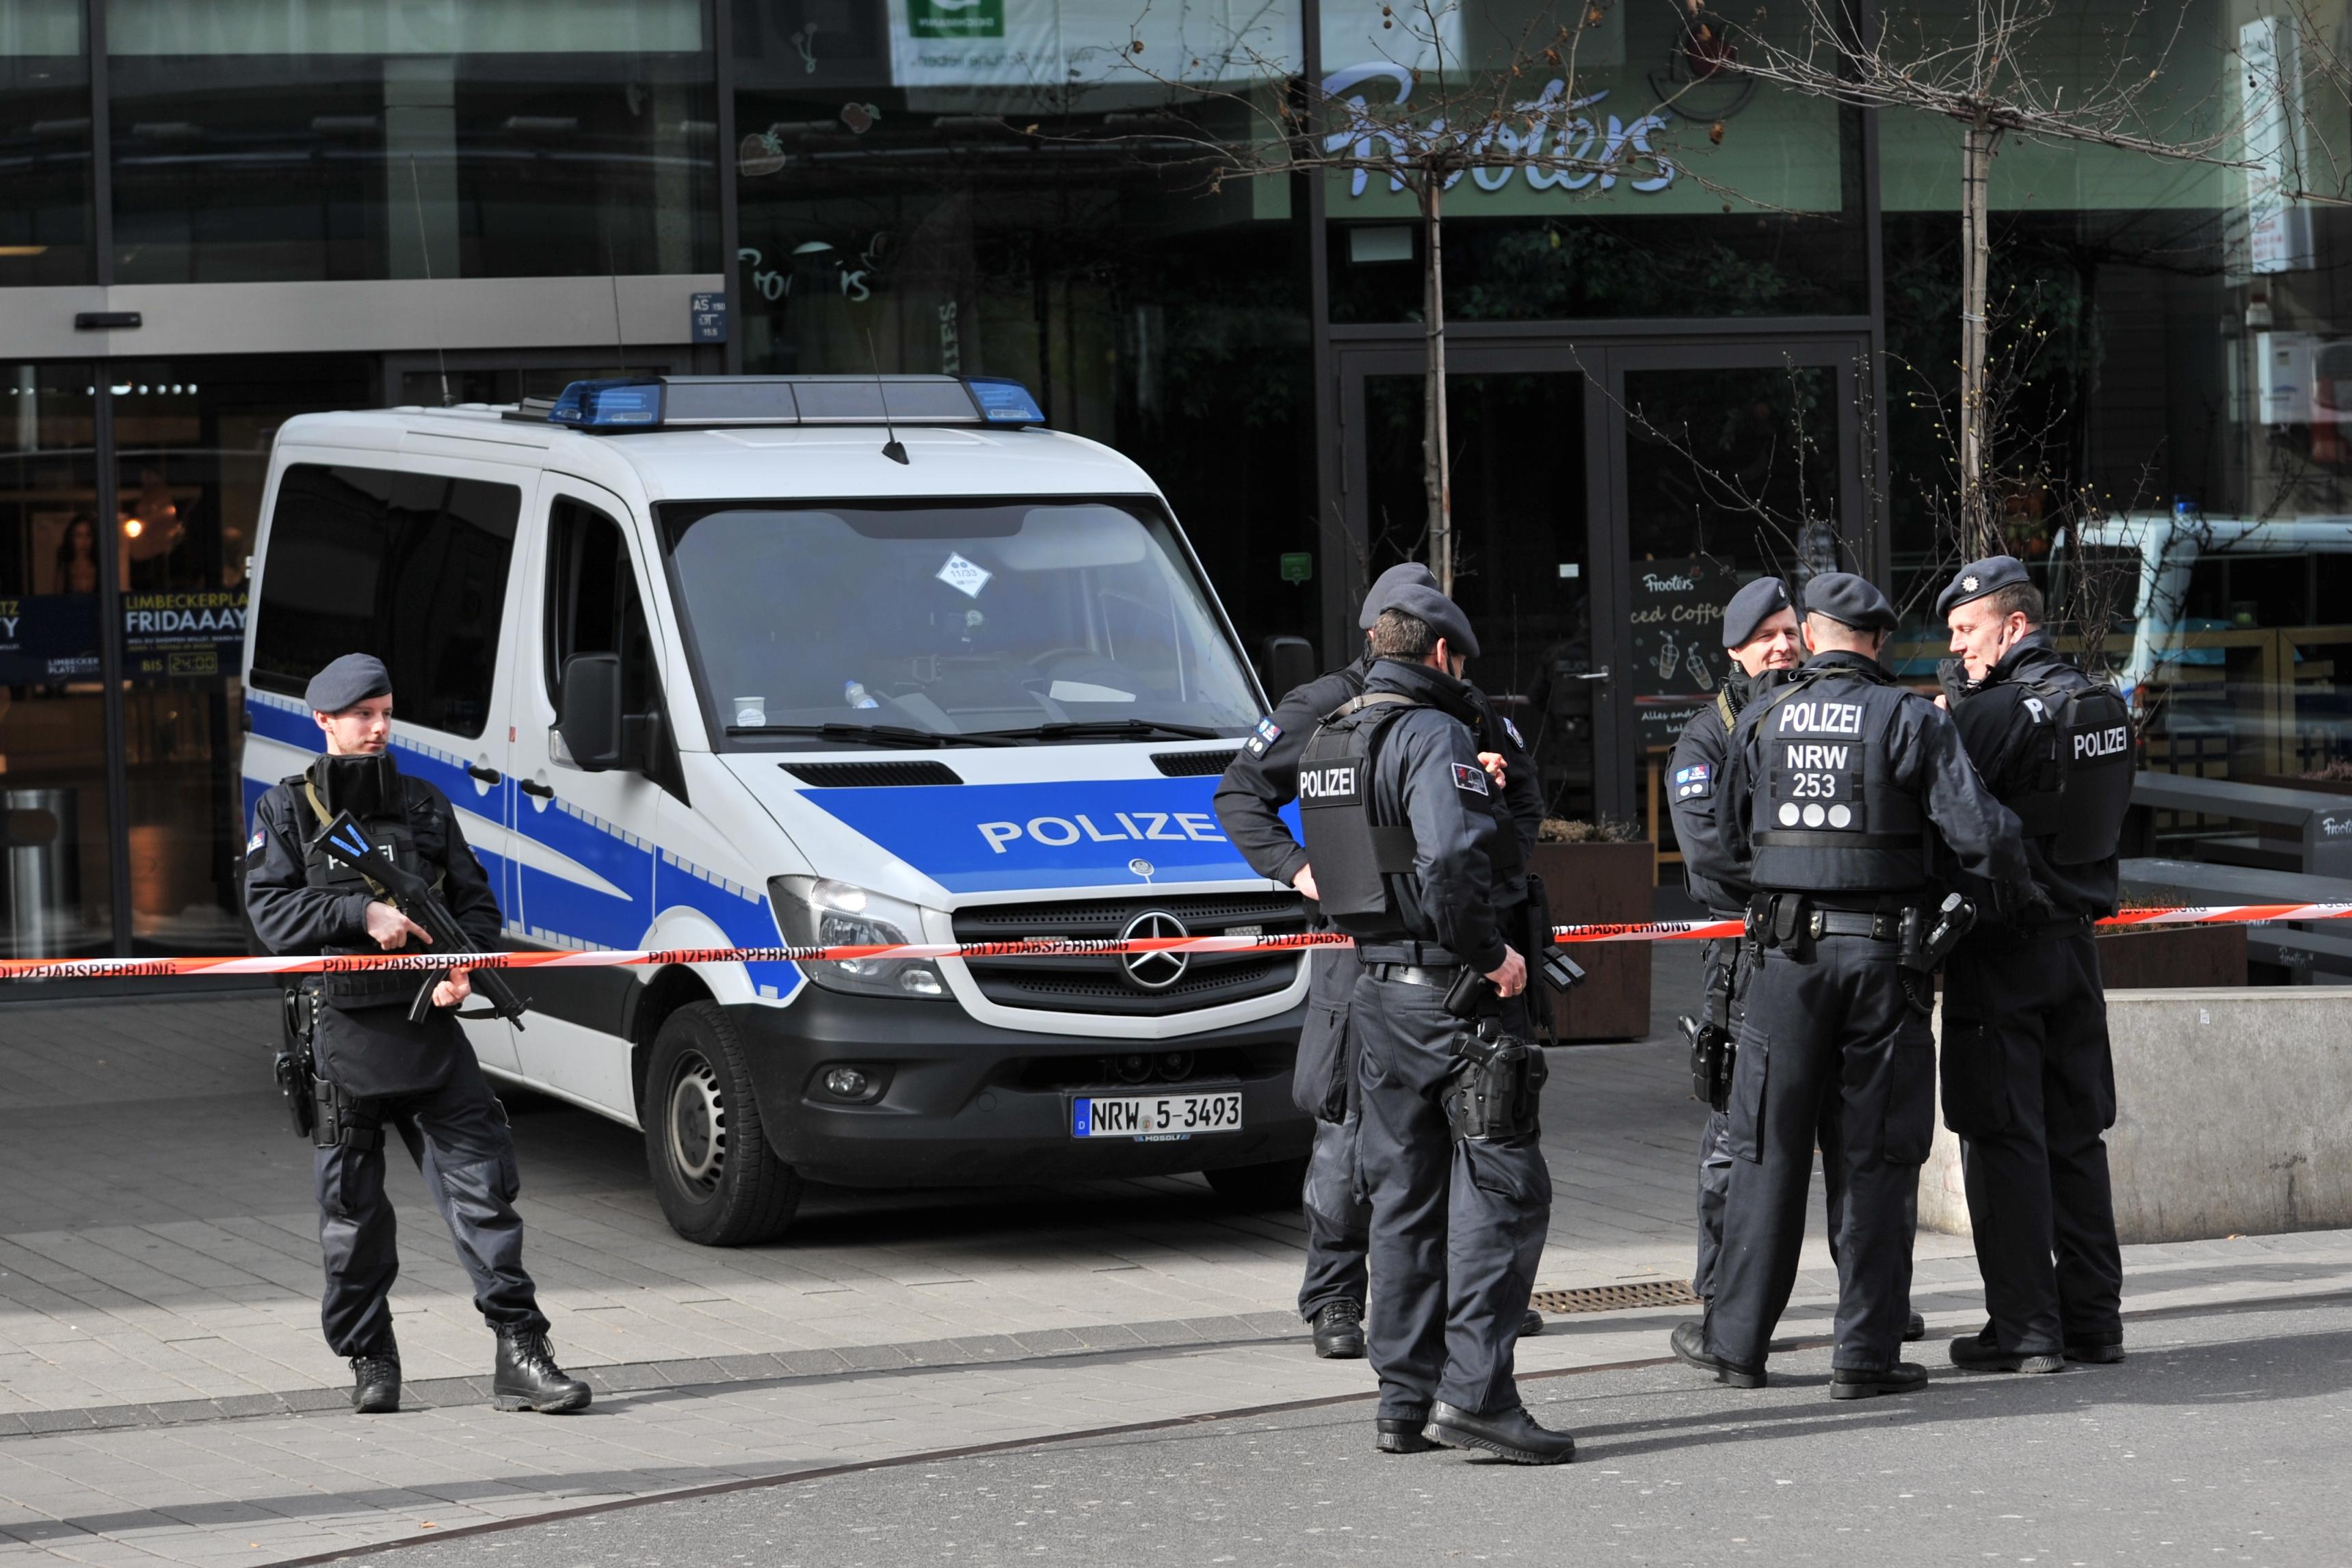 Polizei Rösrath